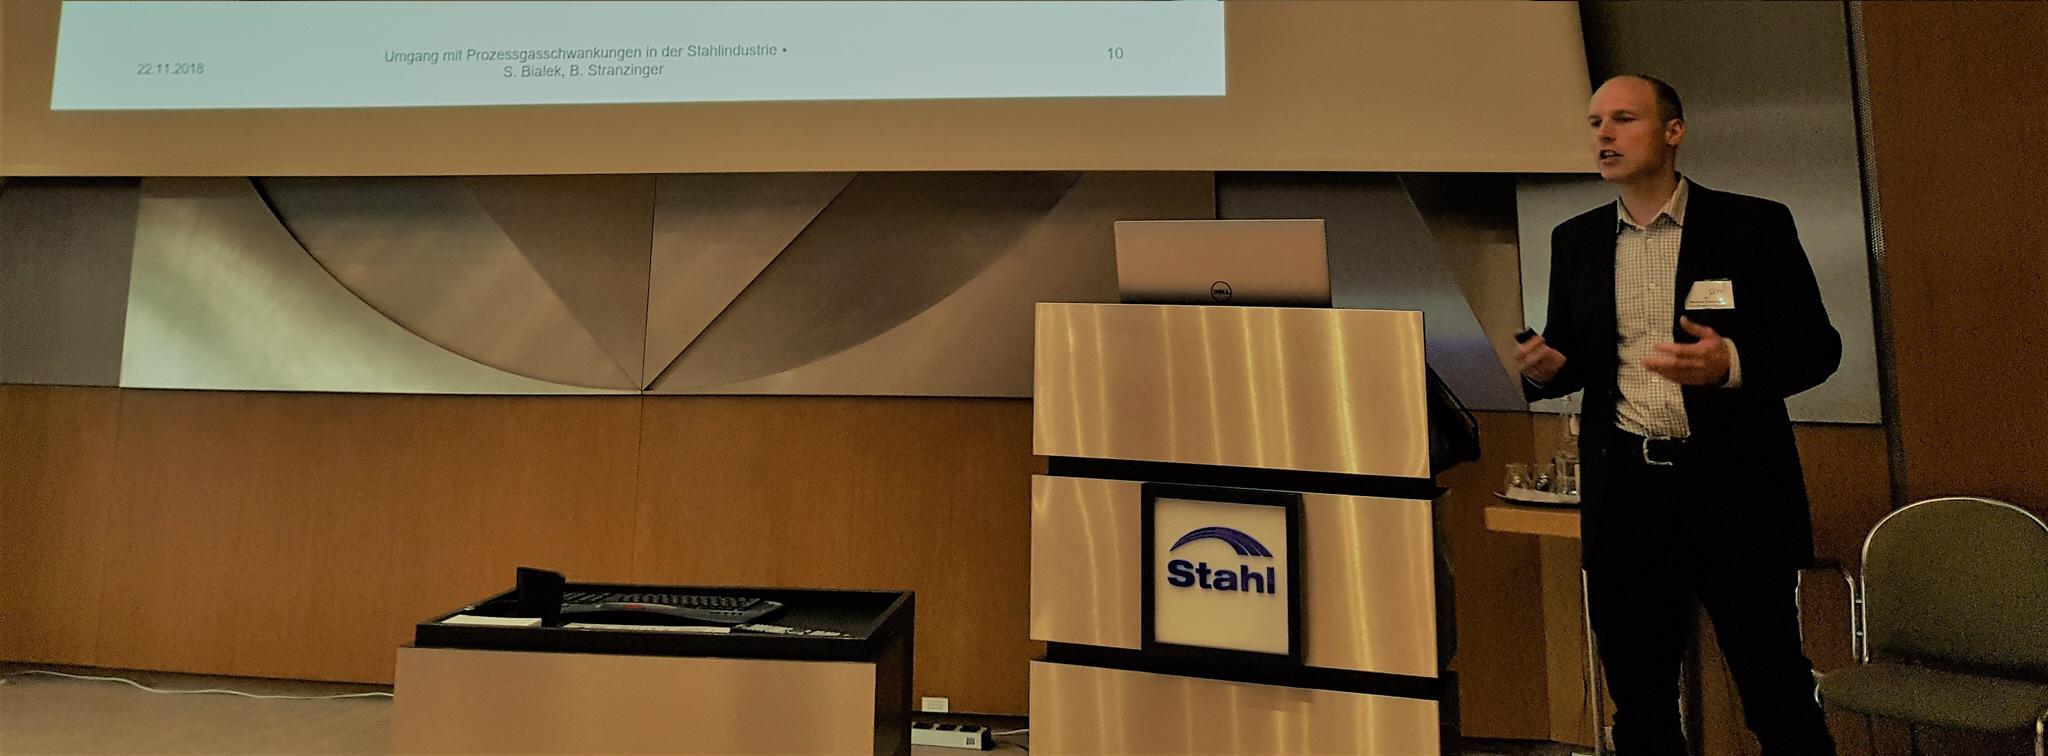 Vortrag: 22.11.2018 Umgang mit Prozessgasschwankungen in der Stahlindustrie